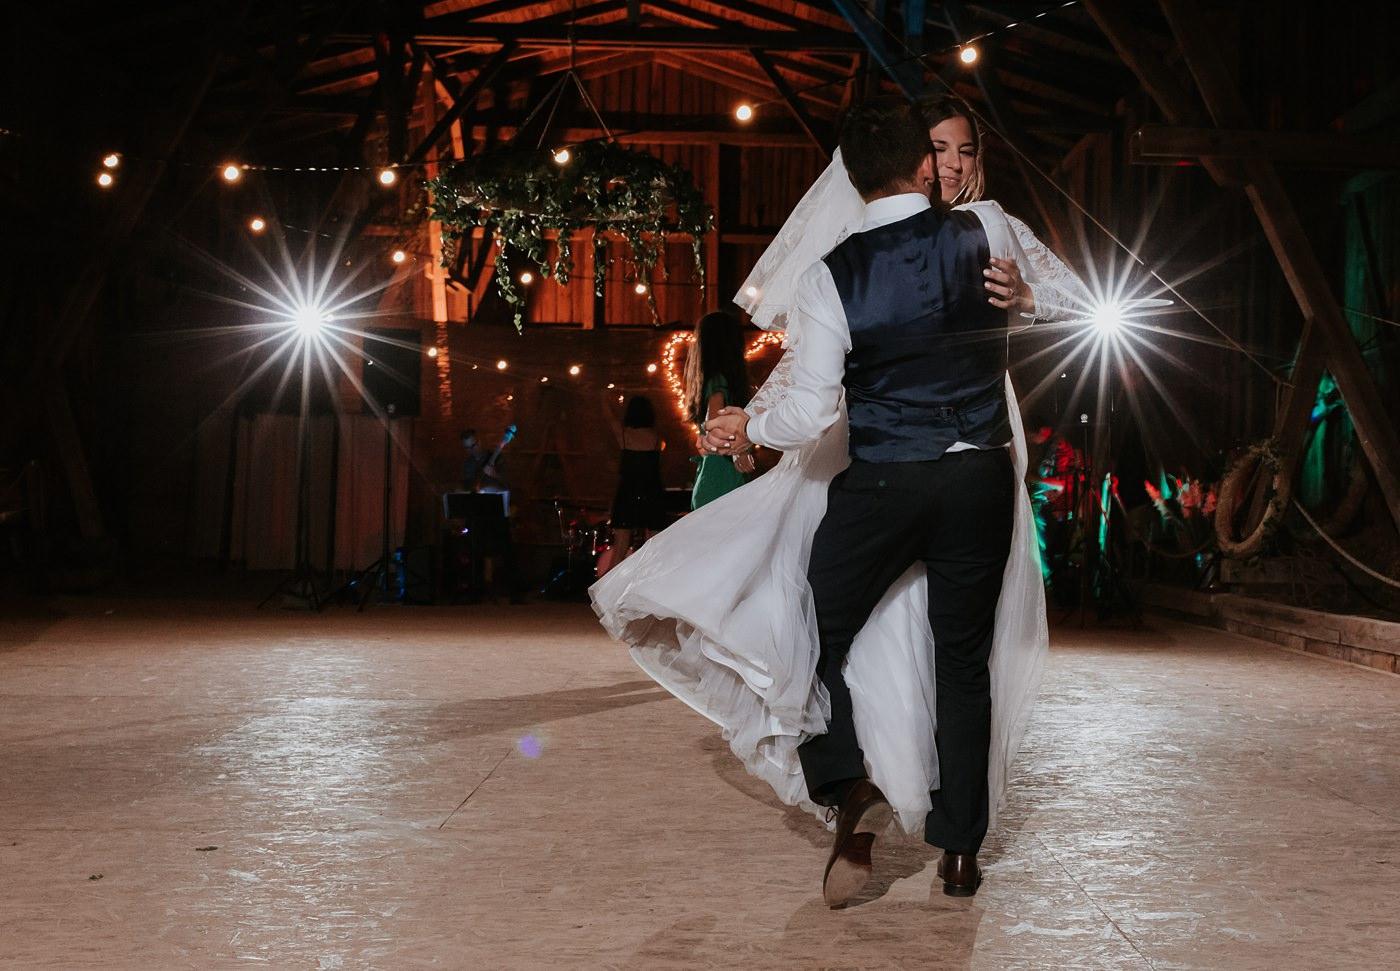 Dominika & Aleksander - Rustykalne wesele w stodole - Baborówko 123